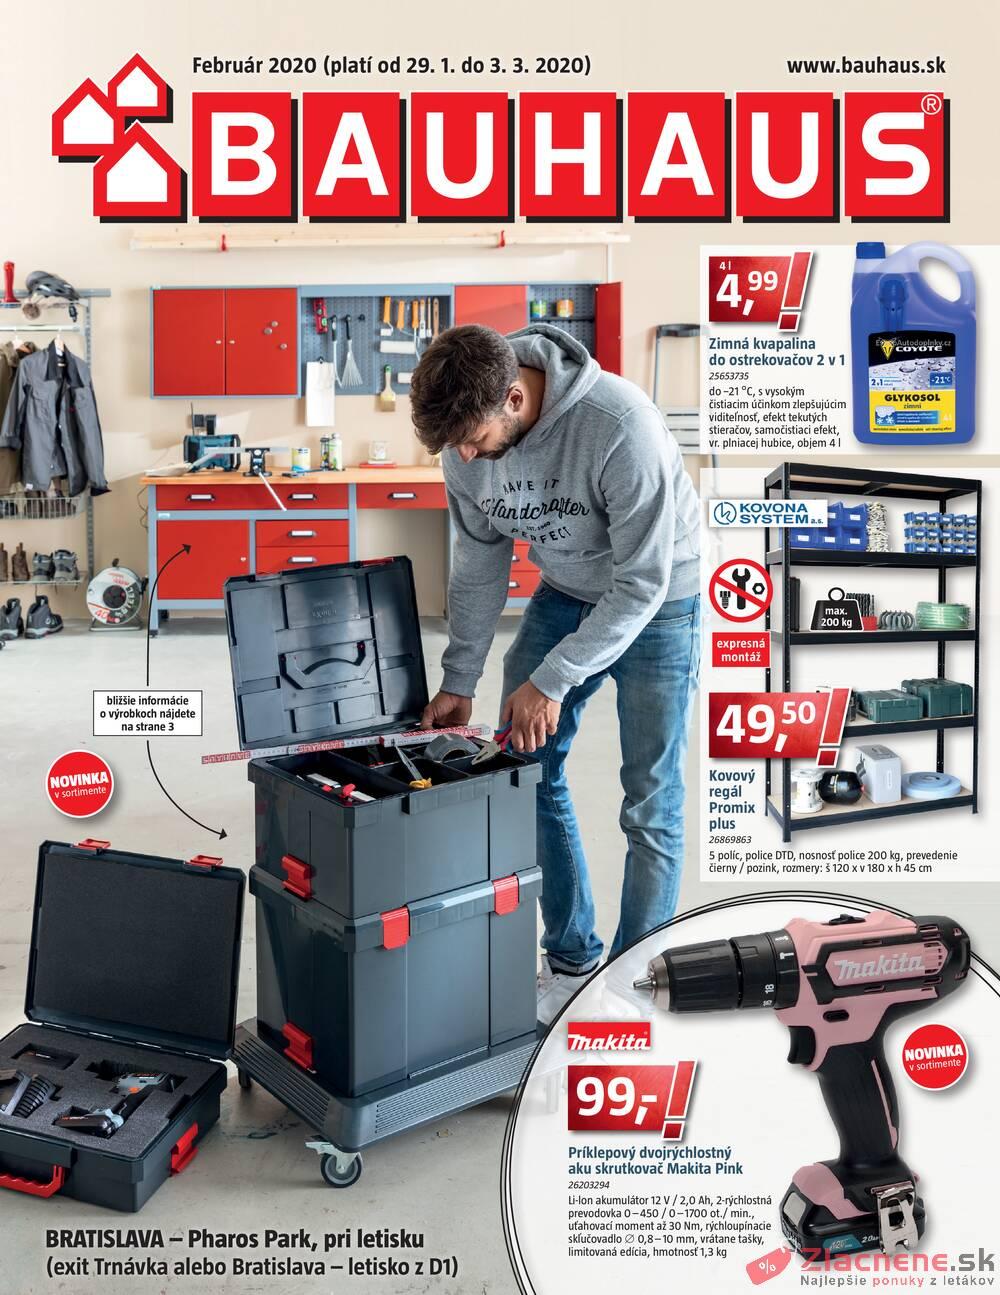 Leták Bauhaus - Bauhaus od 29.1. do 3.3.2020 - strana 1